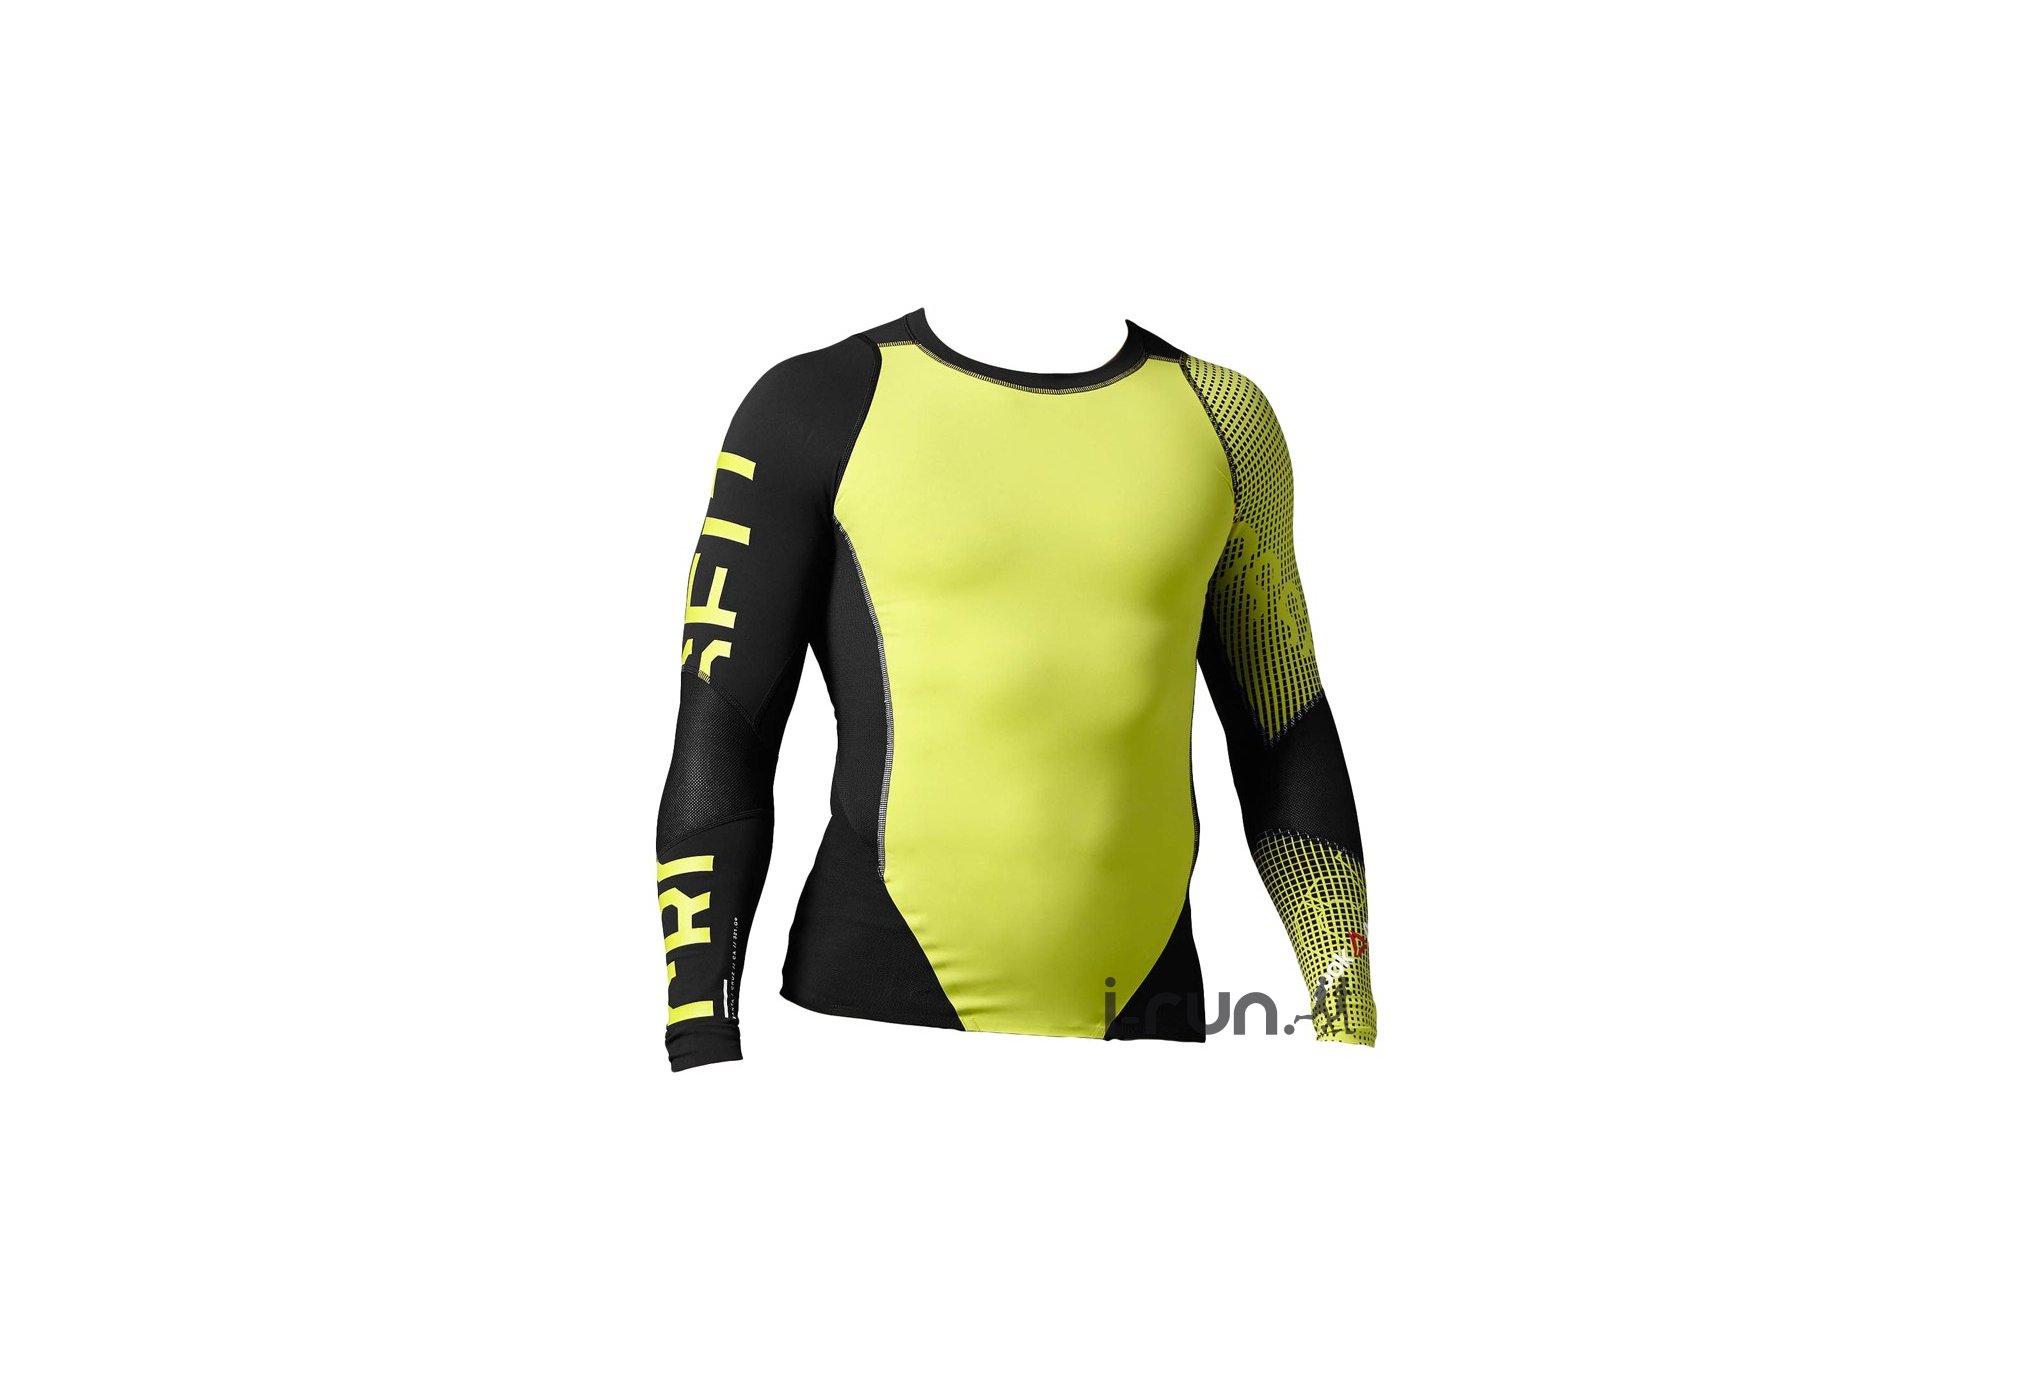 Reebok Tee-shirt CrossFit Midweight Compression M Diététique Vêtements homme